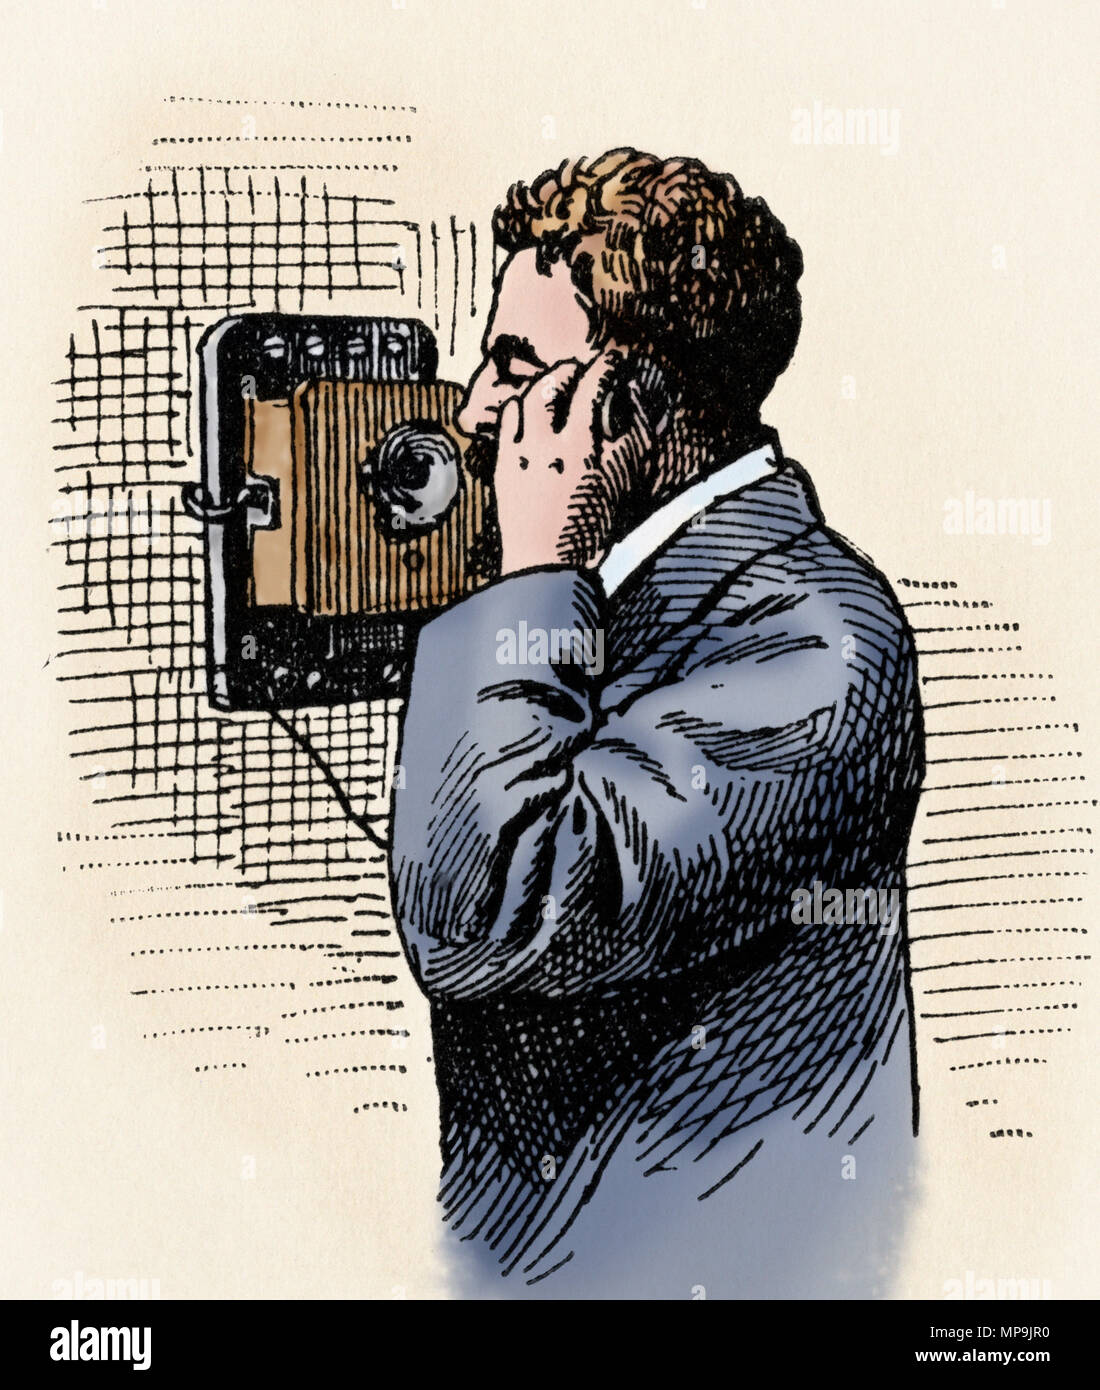 Début téléphone mural, années 1800. Gravure sur bois couleur numérique Photo Stock